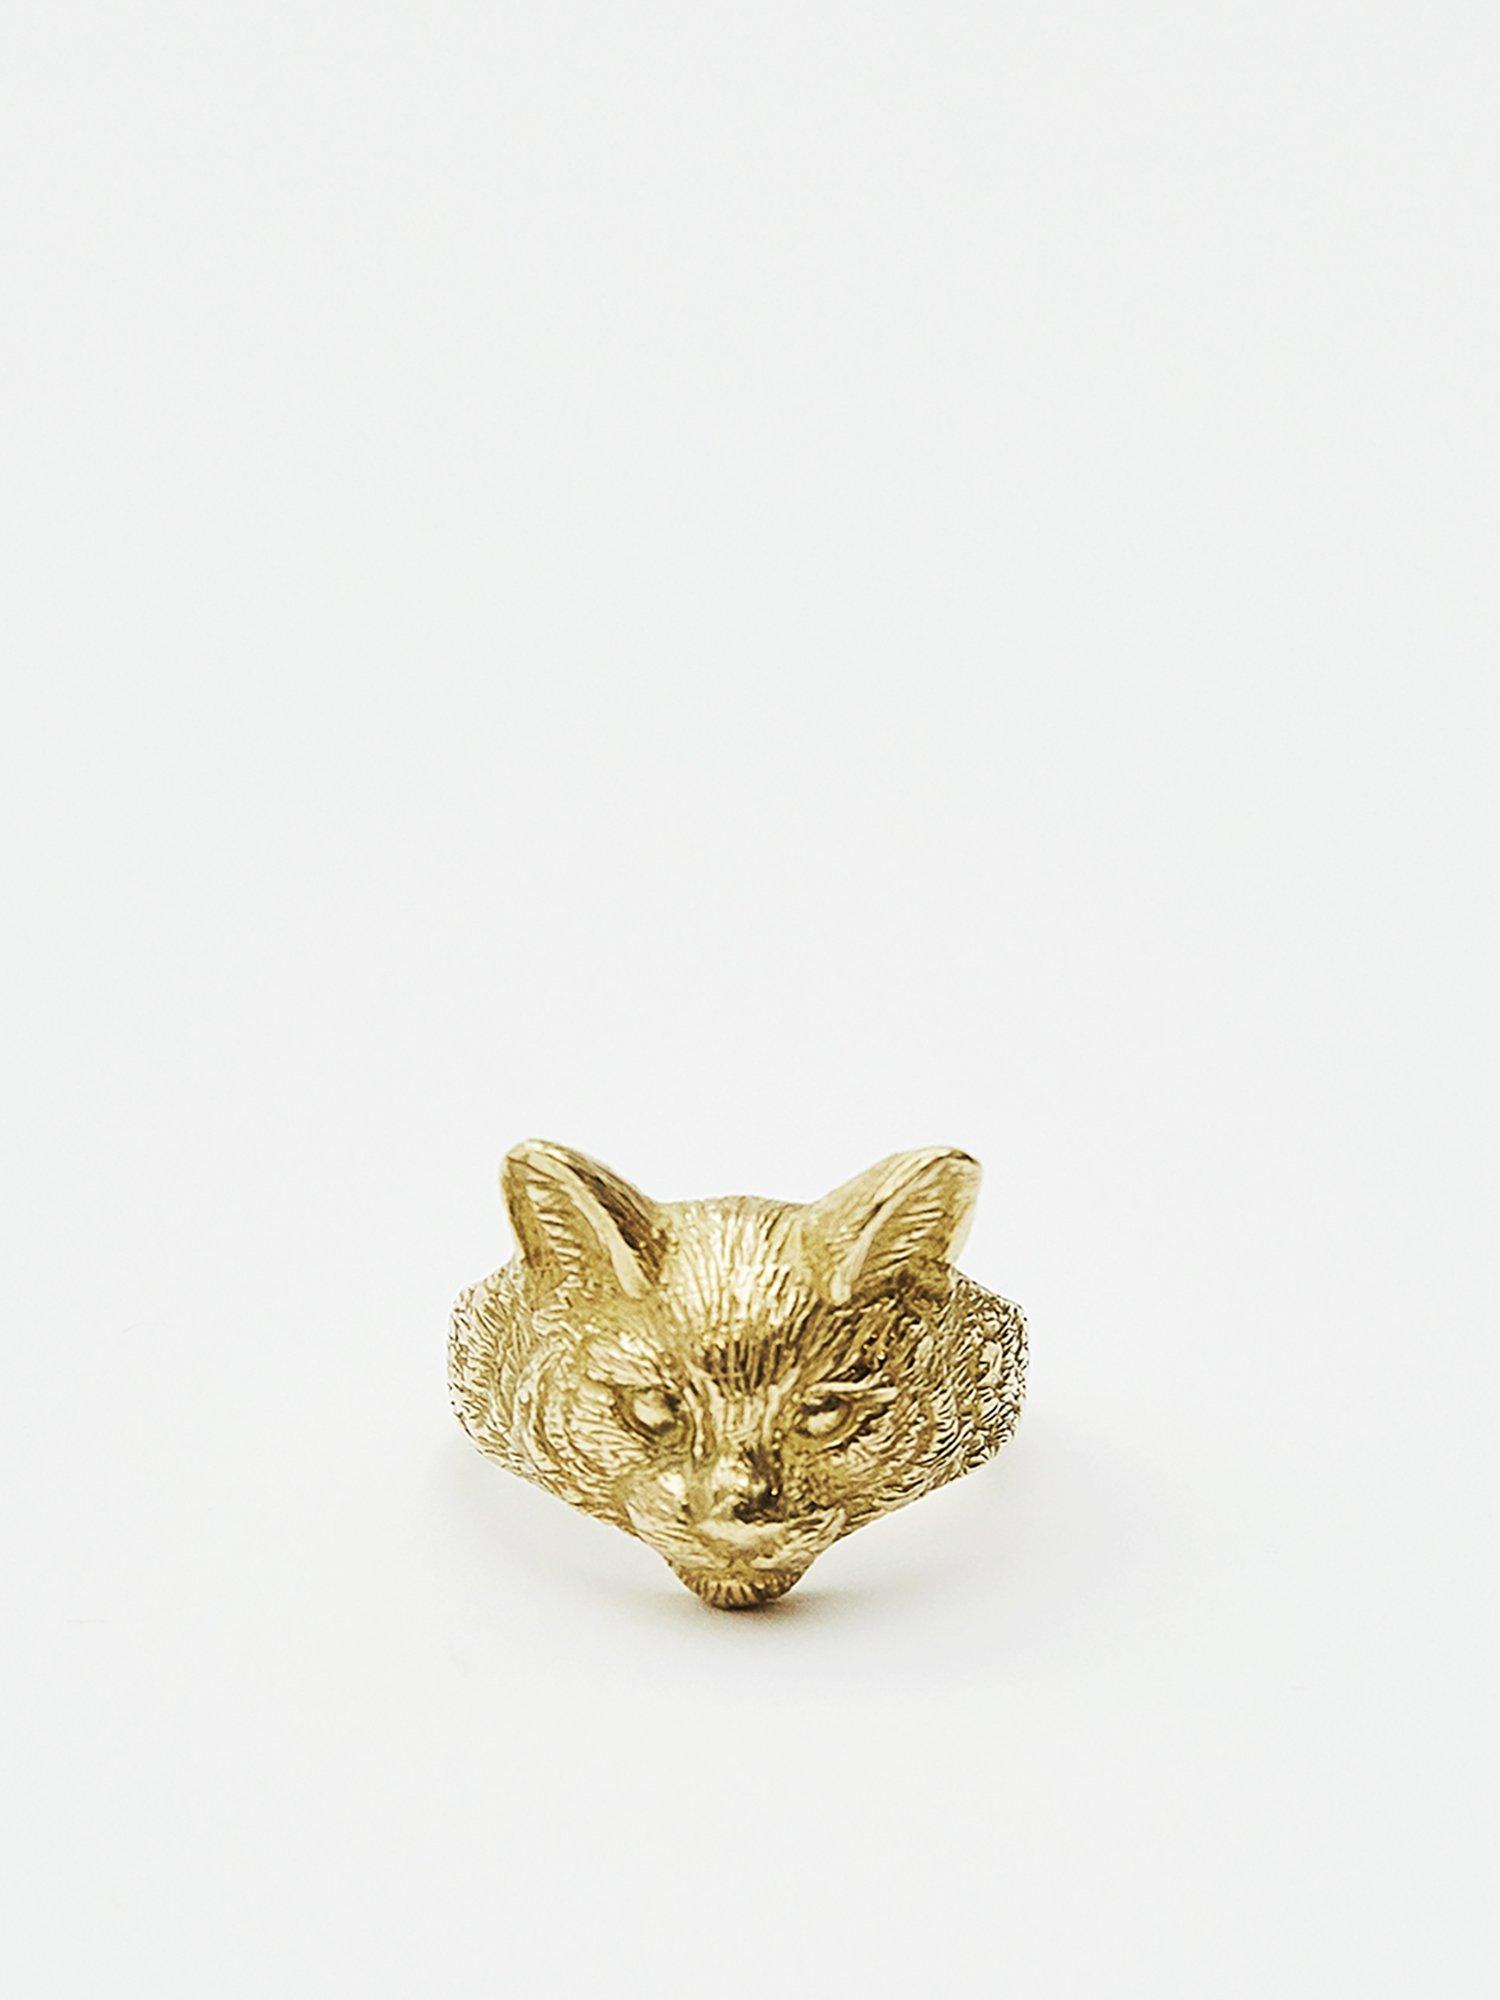 LOLO / Miaou ring